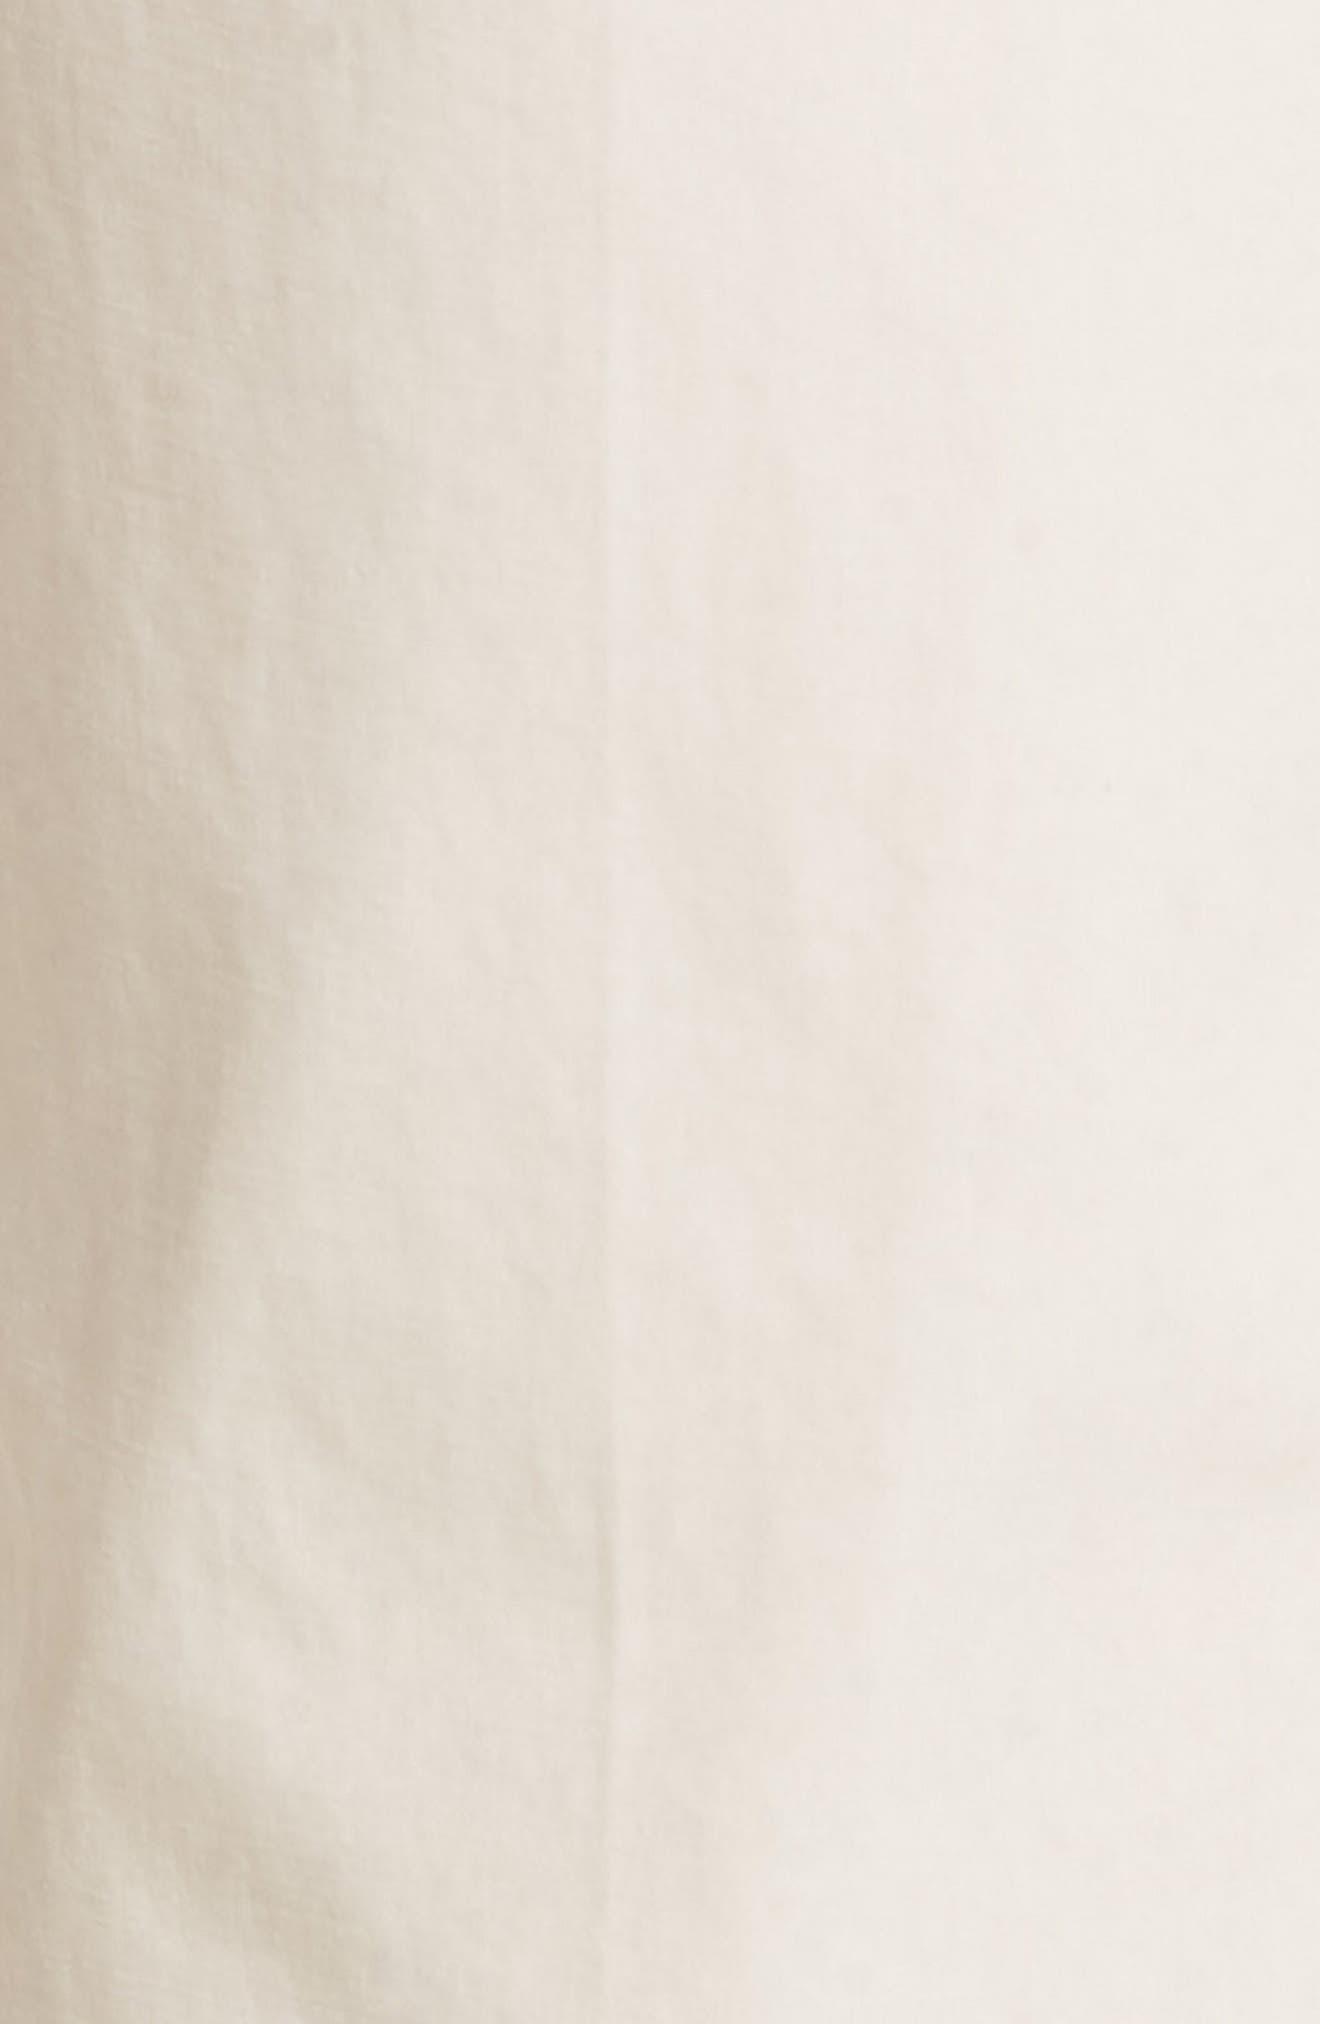 M2 Classic Fit Flat Front Tropical Cotton Poplin Pants,                             Alternate thumbnail 5, color,                             Sand